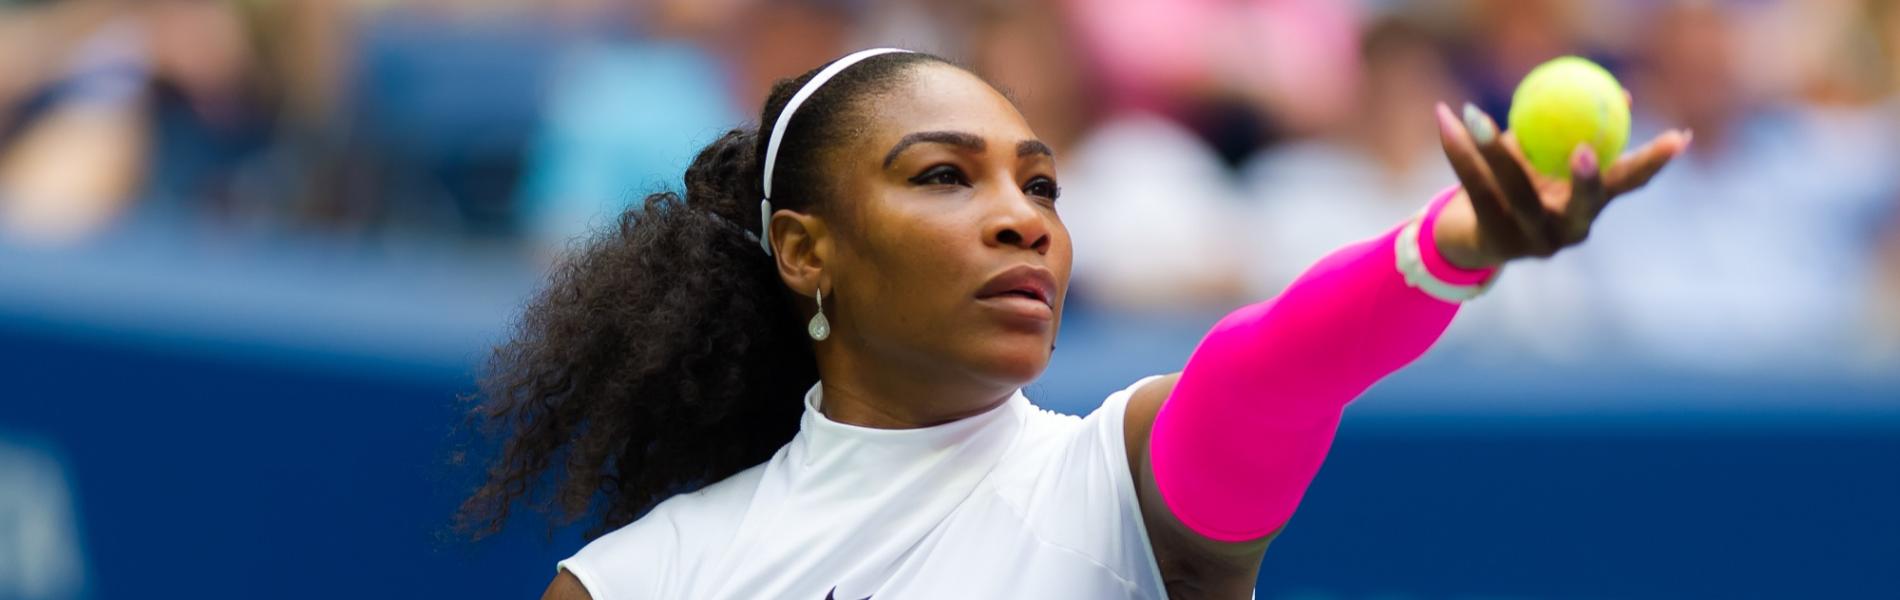 גירל פאוור: הנשים החזקות ביותר בספורט האמריקאי 2018